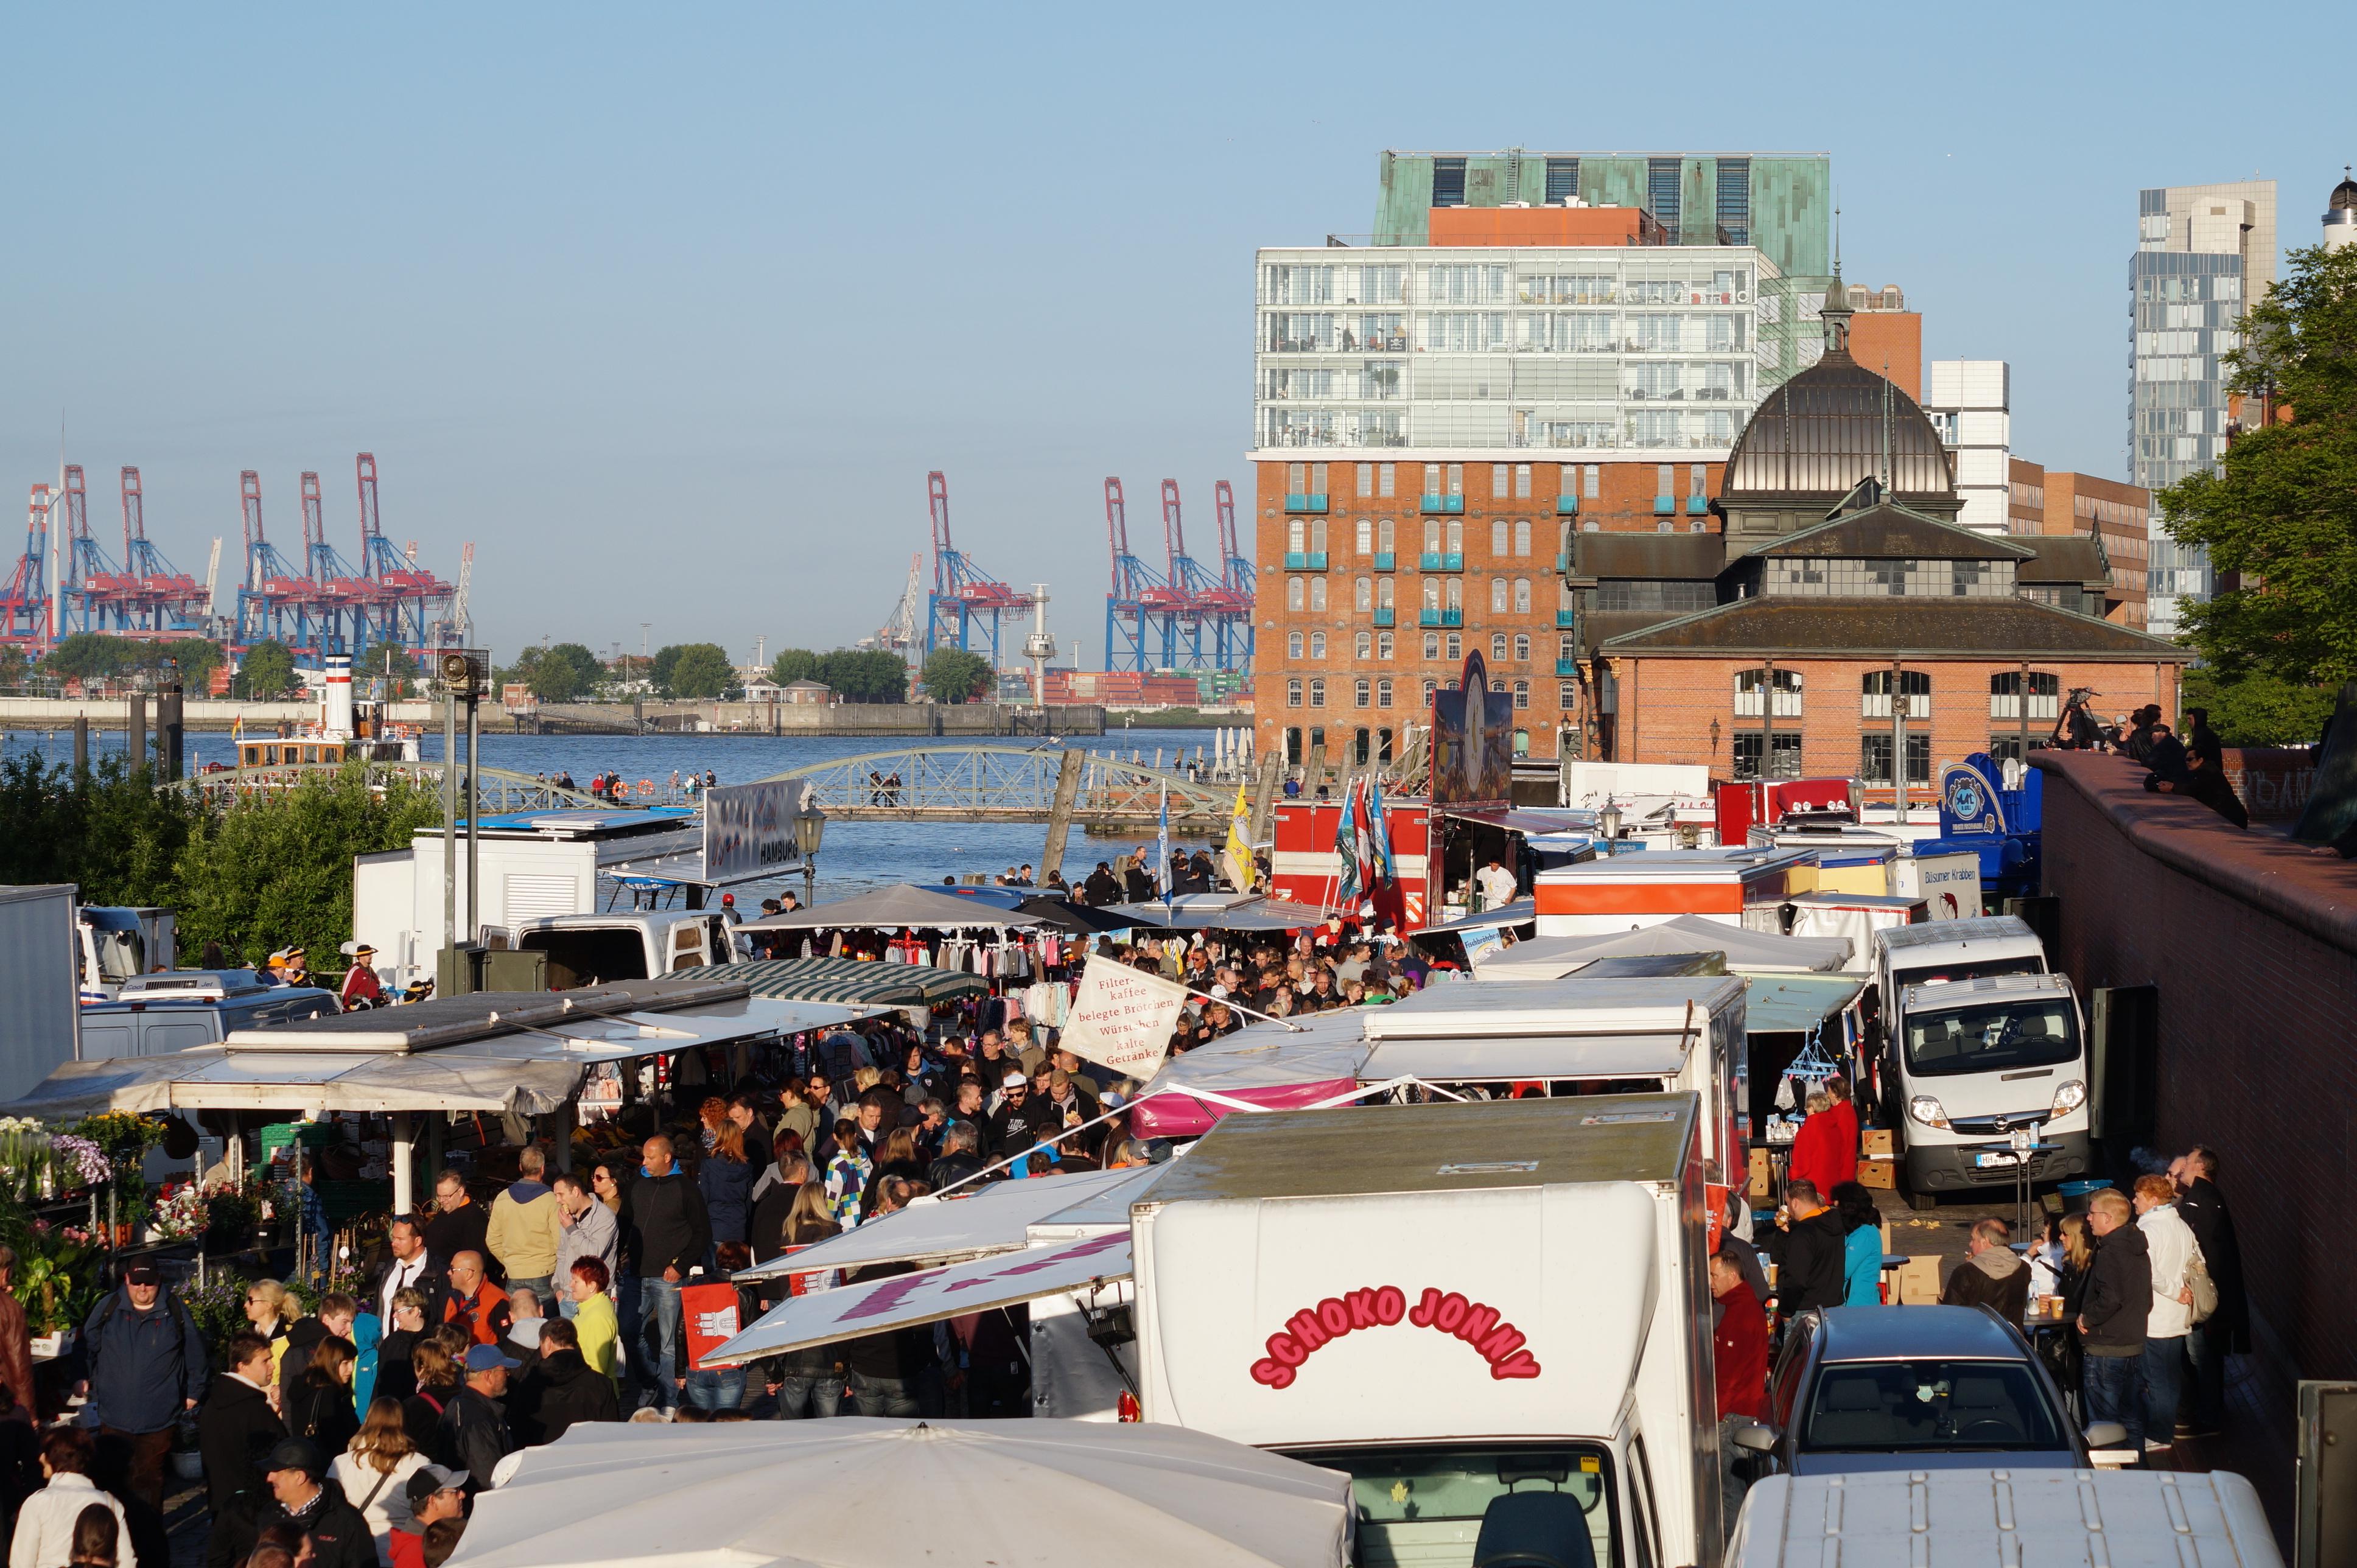 Fischmarkt hamburg moin gottundbratkartoffeln for Am fischmarkt